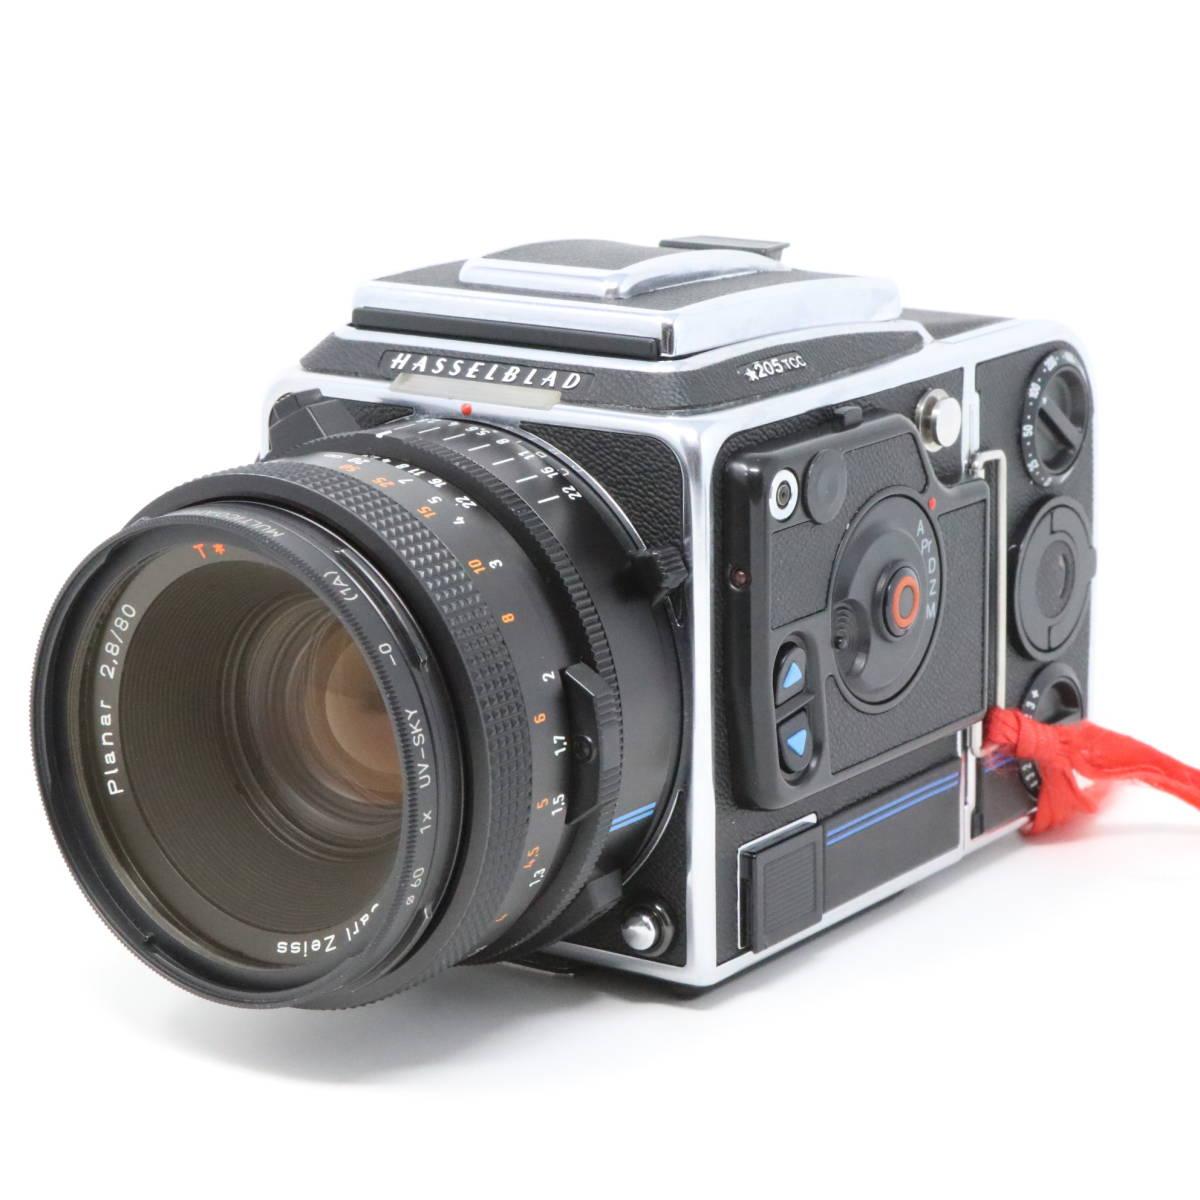 【中古良品完動品】 HASSELBLAD ハッセルブラッド 中判一眼レフカメラ ☆205TCC CarlZeiss Planar F 80mm F2.8 T* マガジン12TCC +16TCC付_画像2